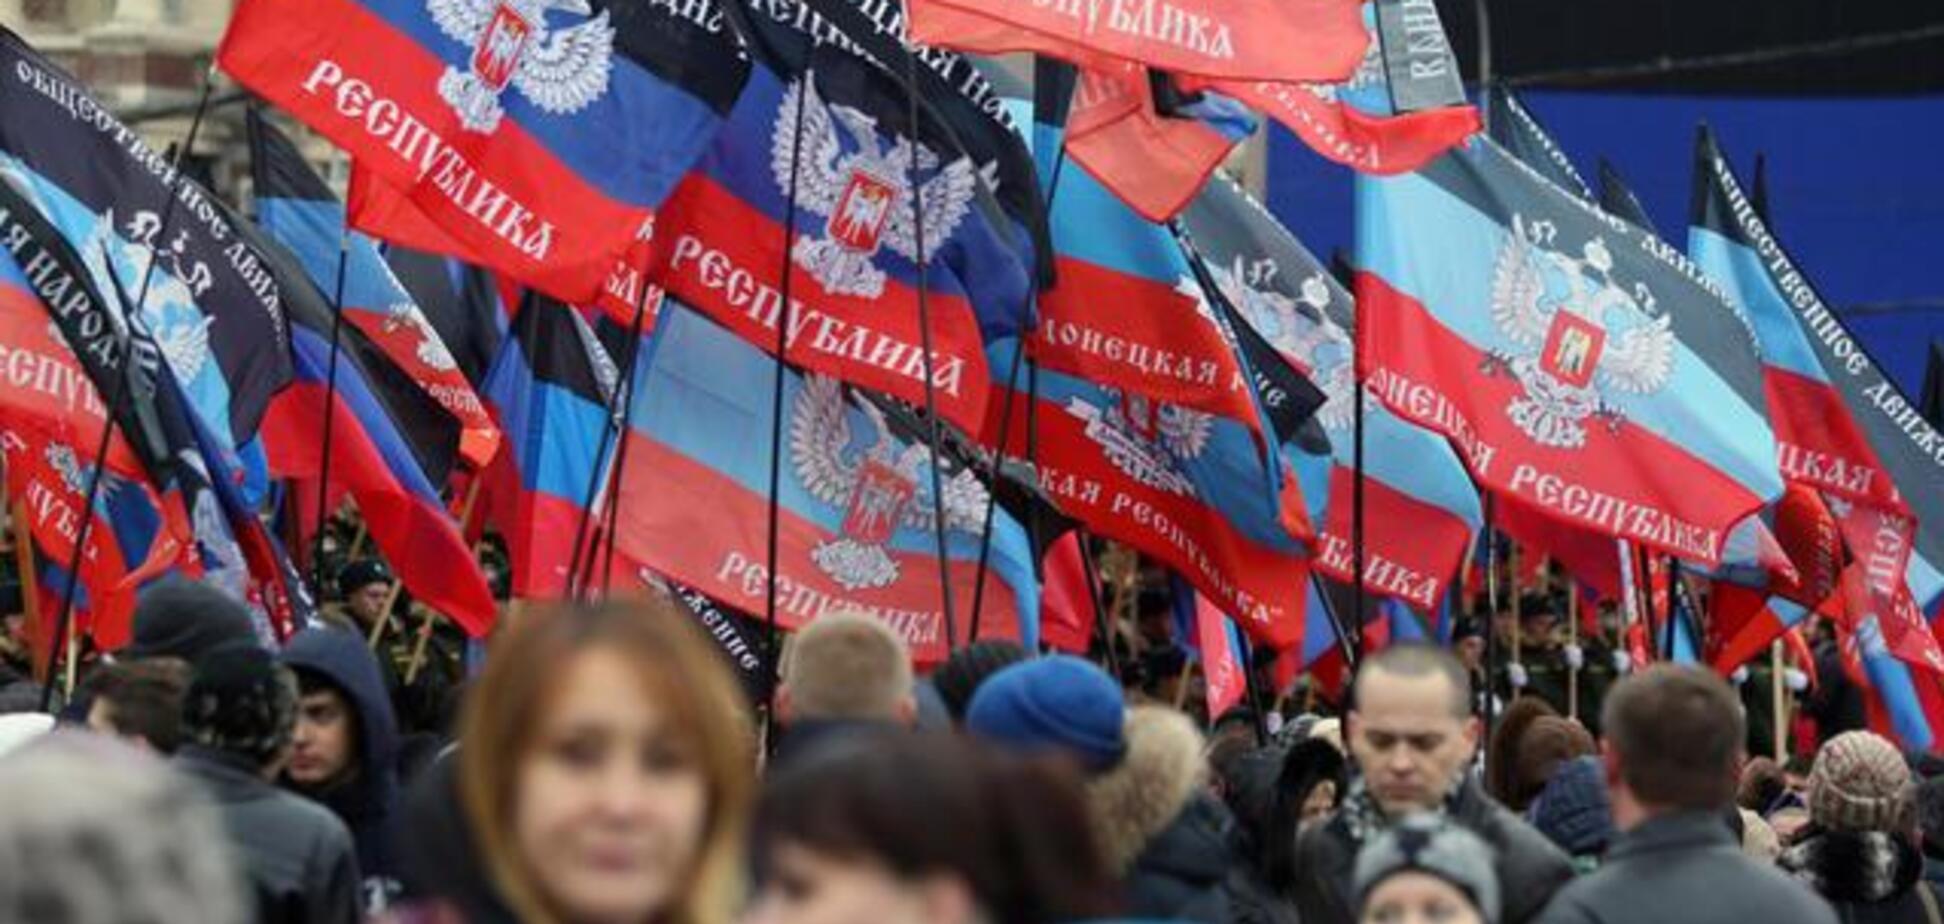 'Будем заталкивать в Украину': экс-главари 'ДНР' внезапно заговорили о 'сливе' Донбасса